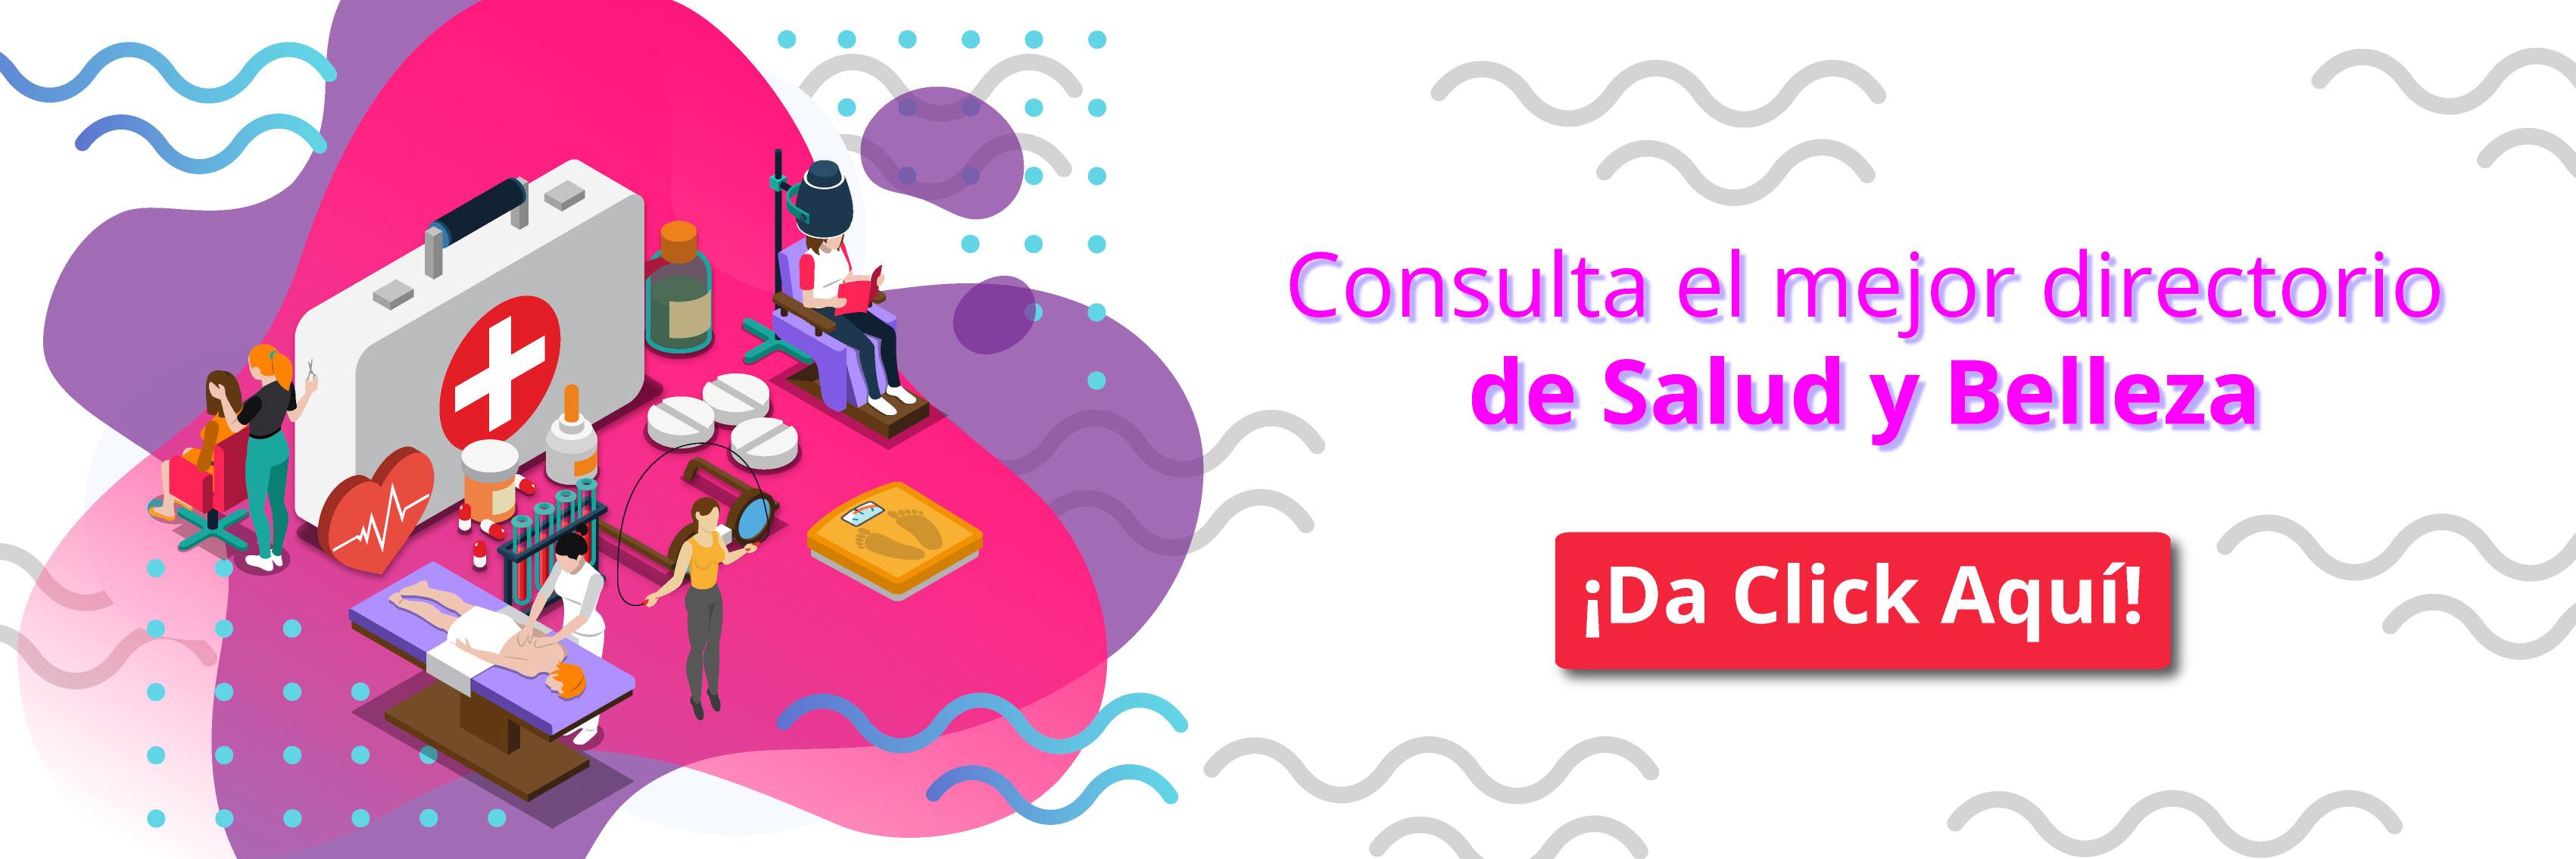 Slider directorios saludybelleza